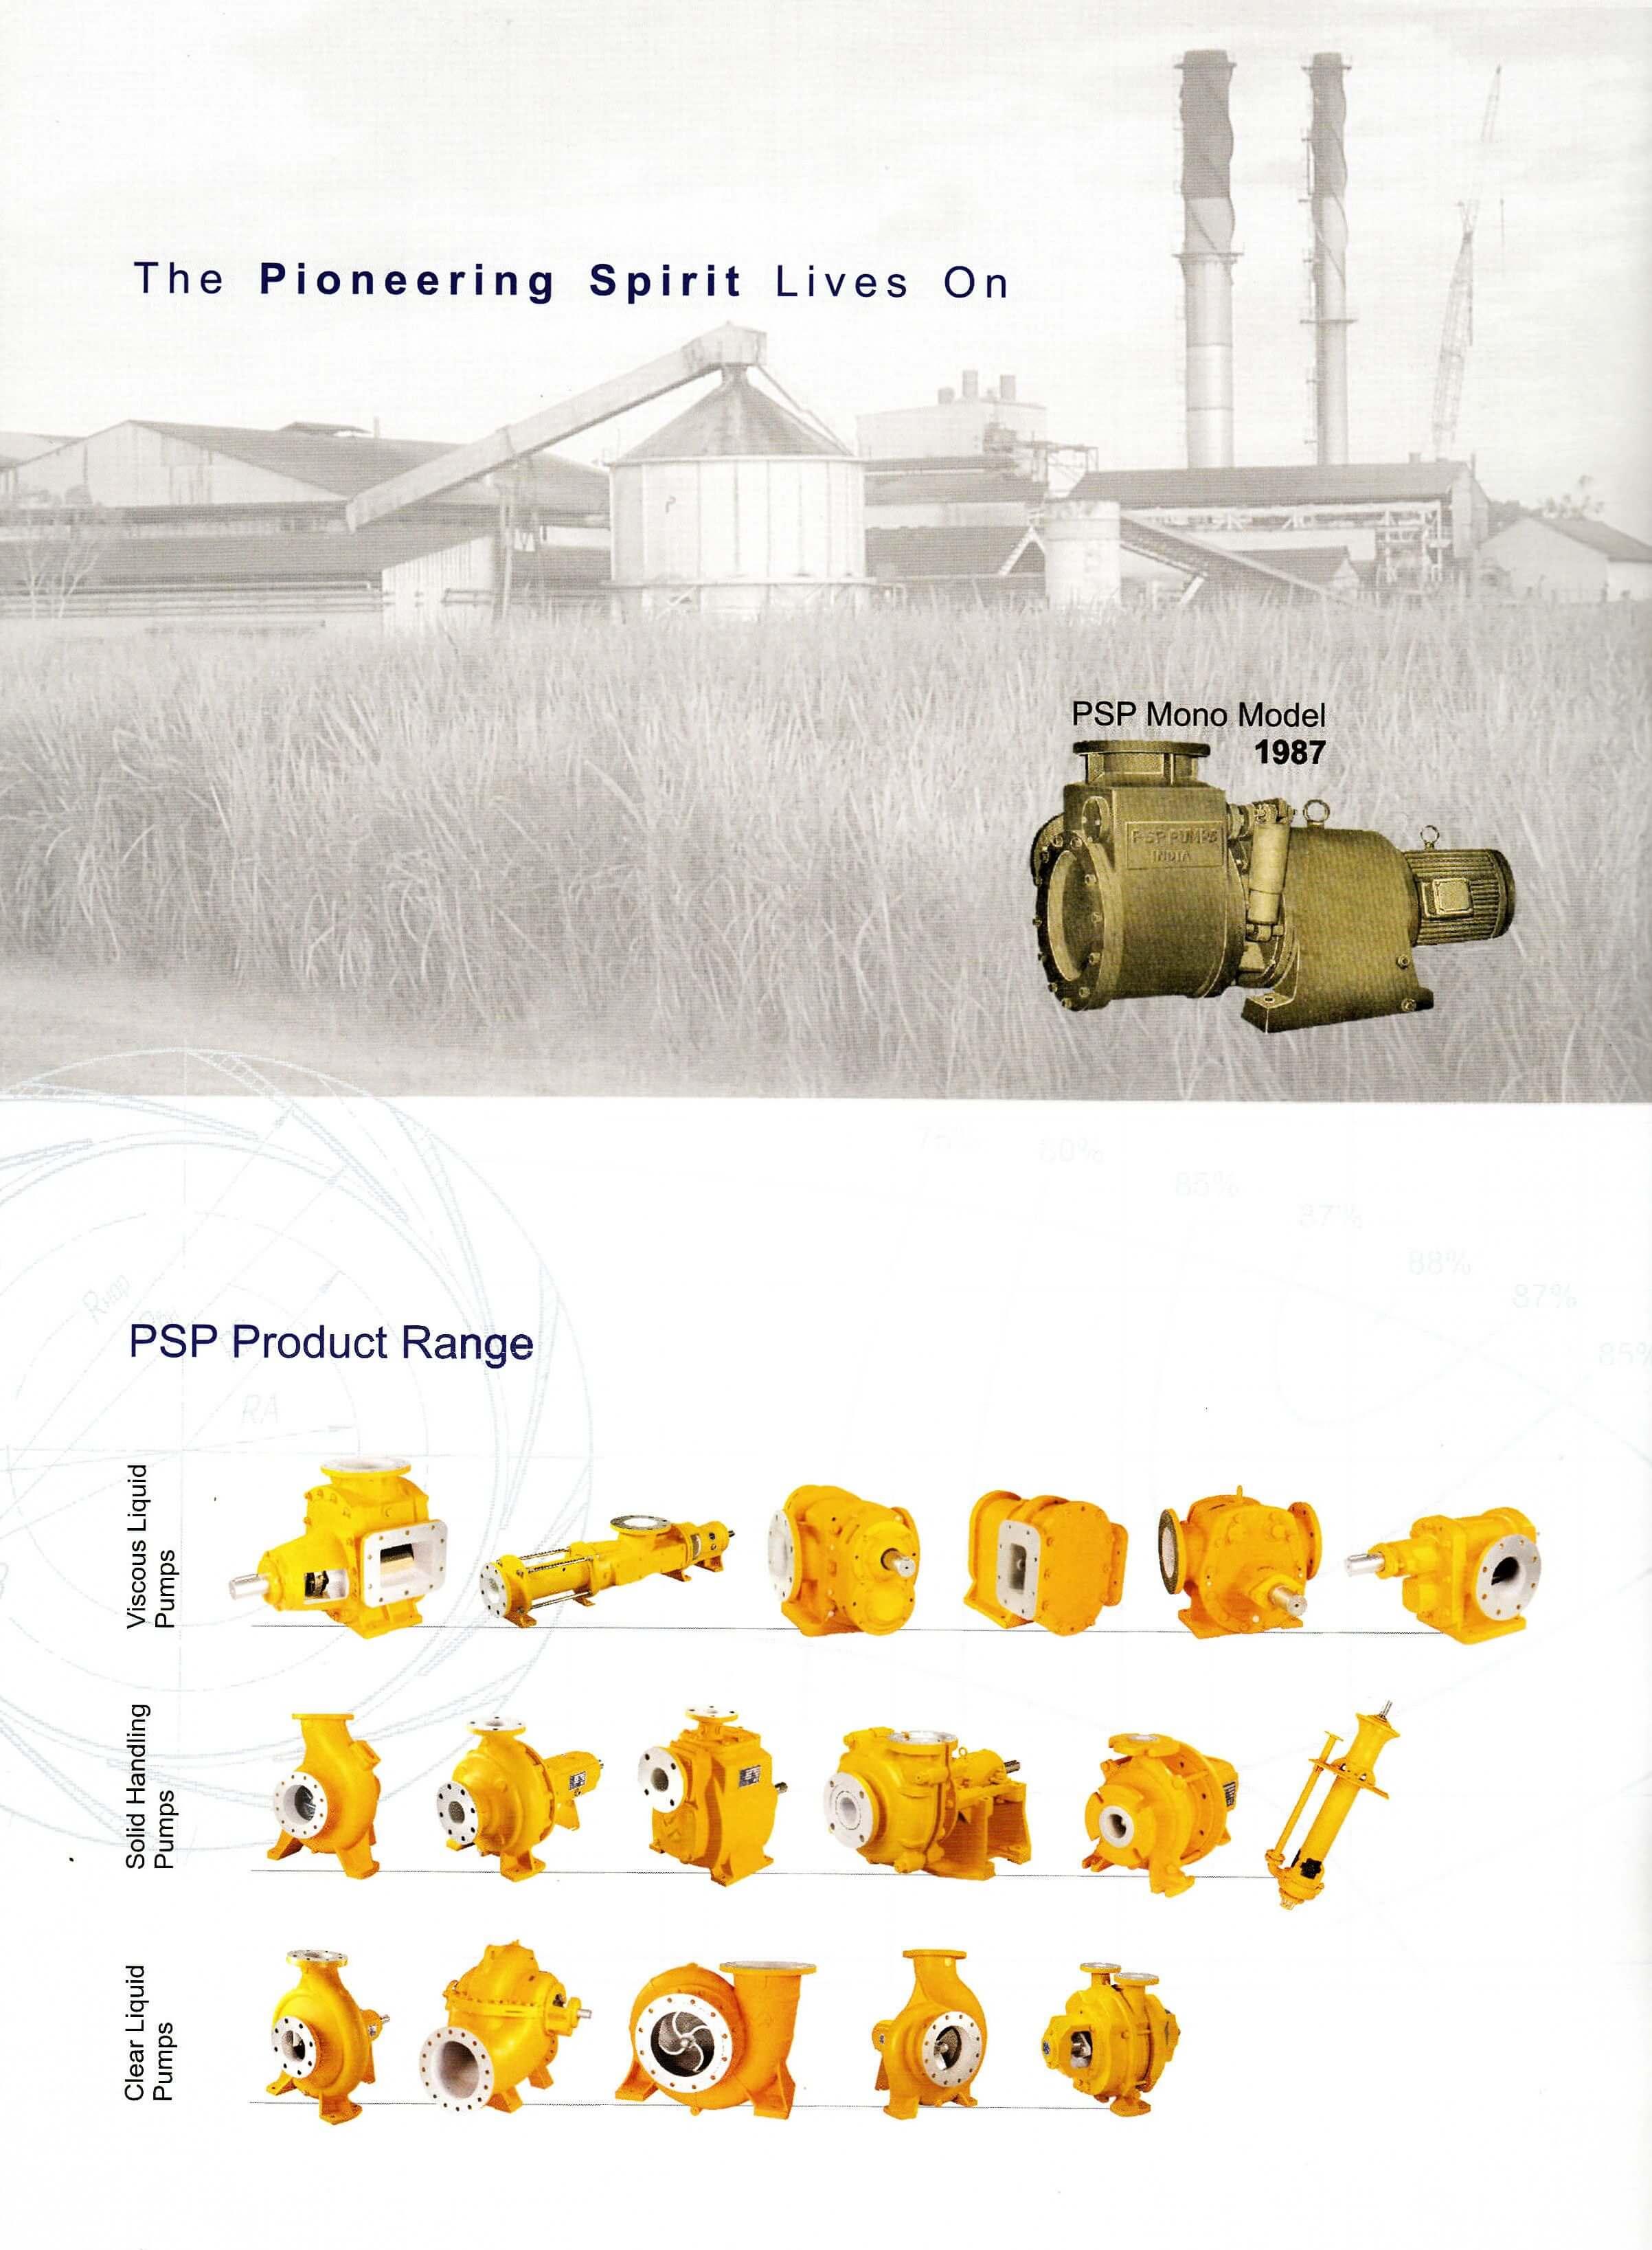 PSP Model